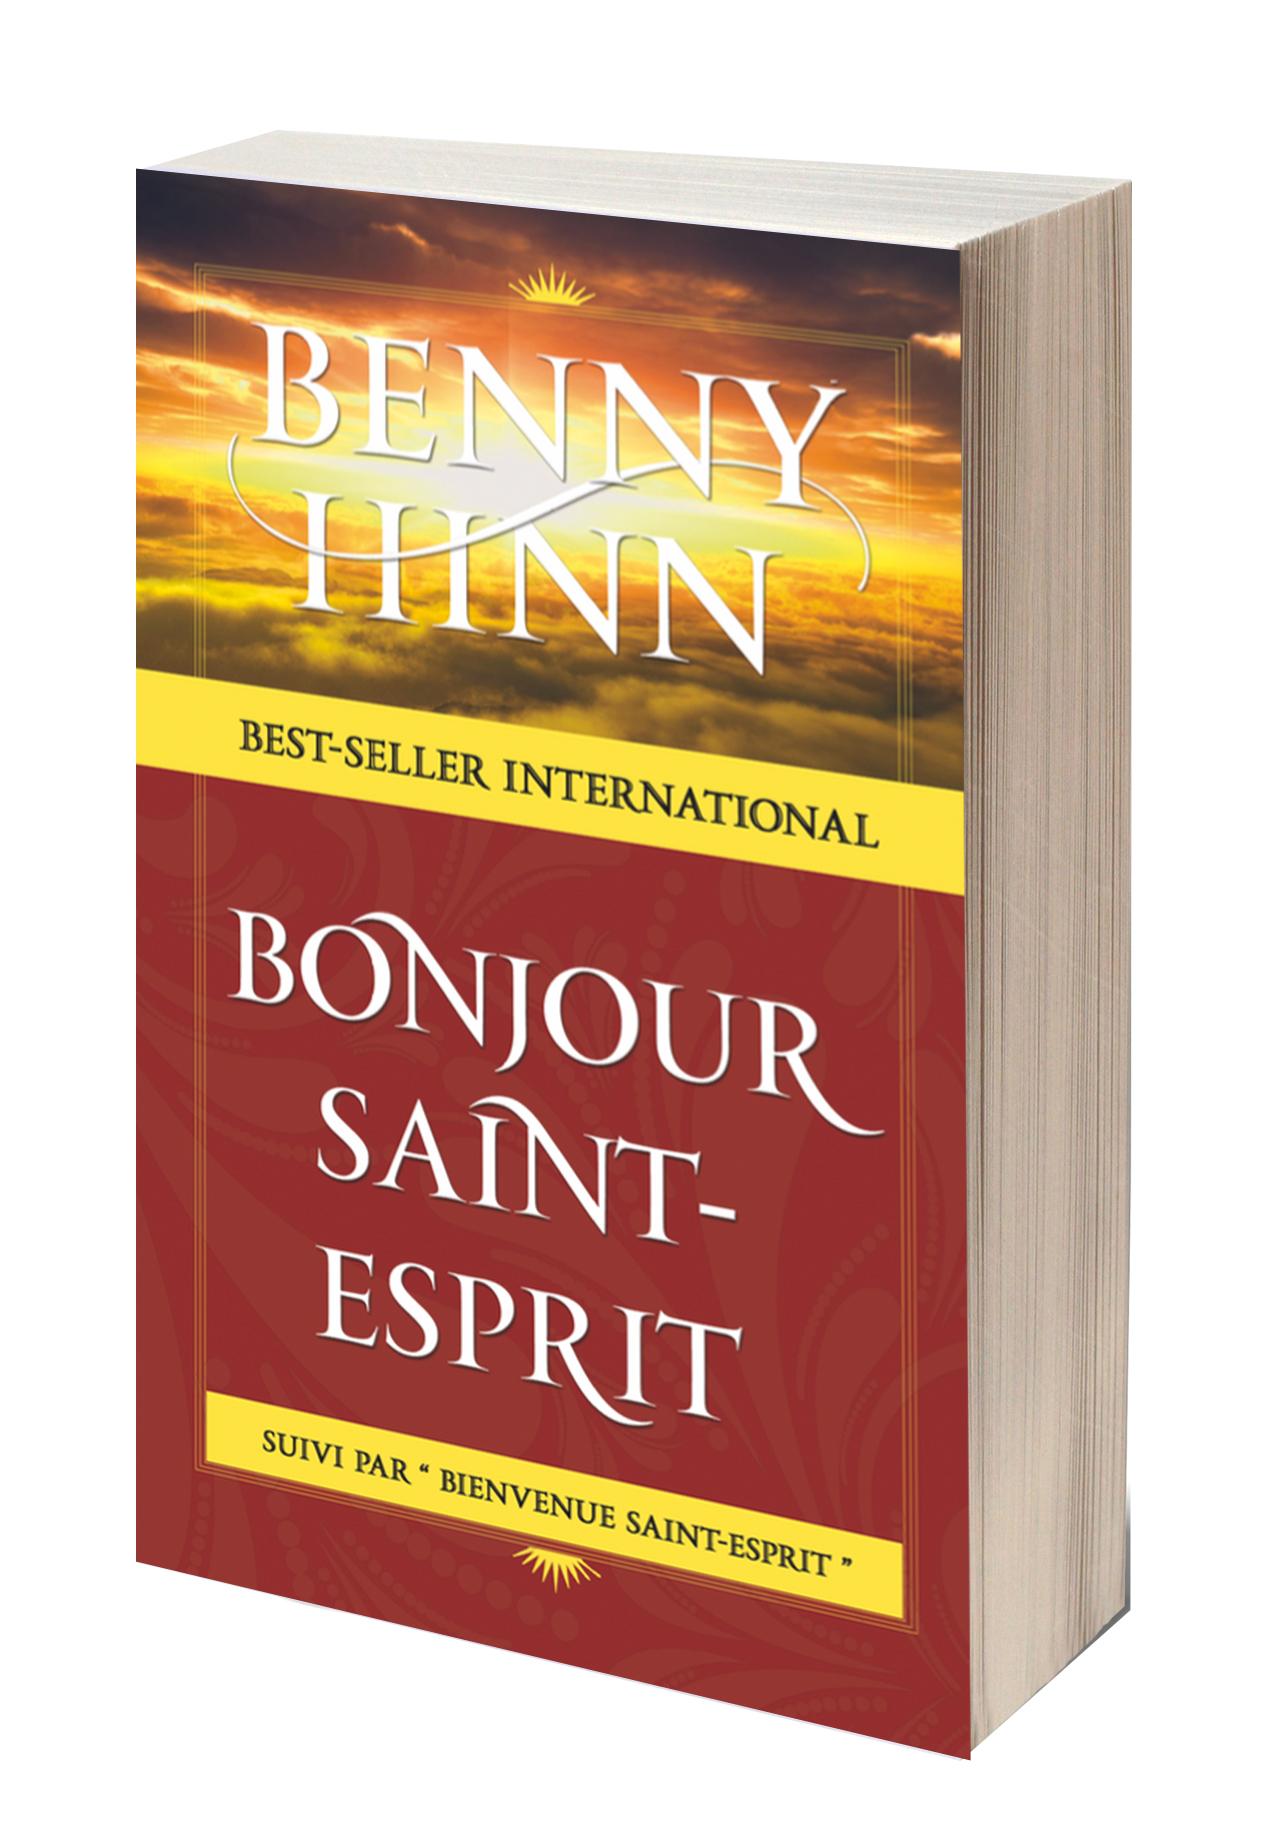 Bonjour Saint-Esprit - Benny Hinn